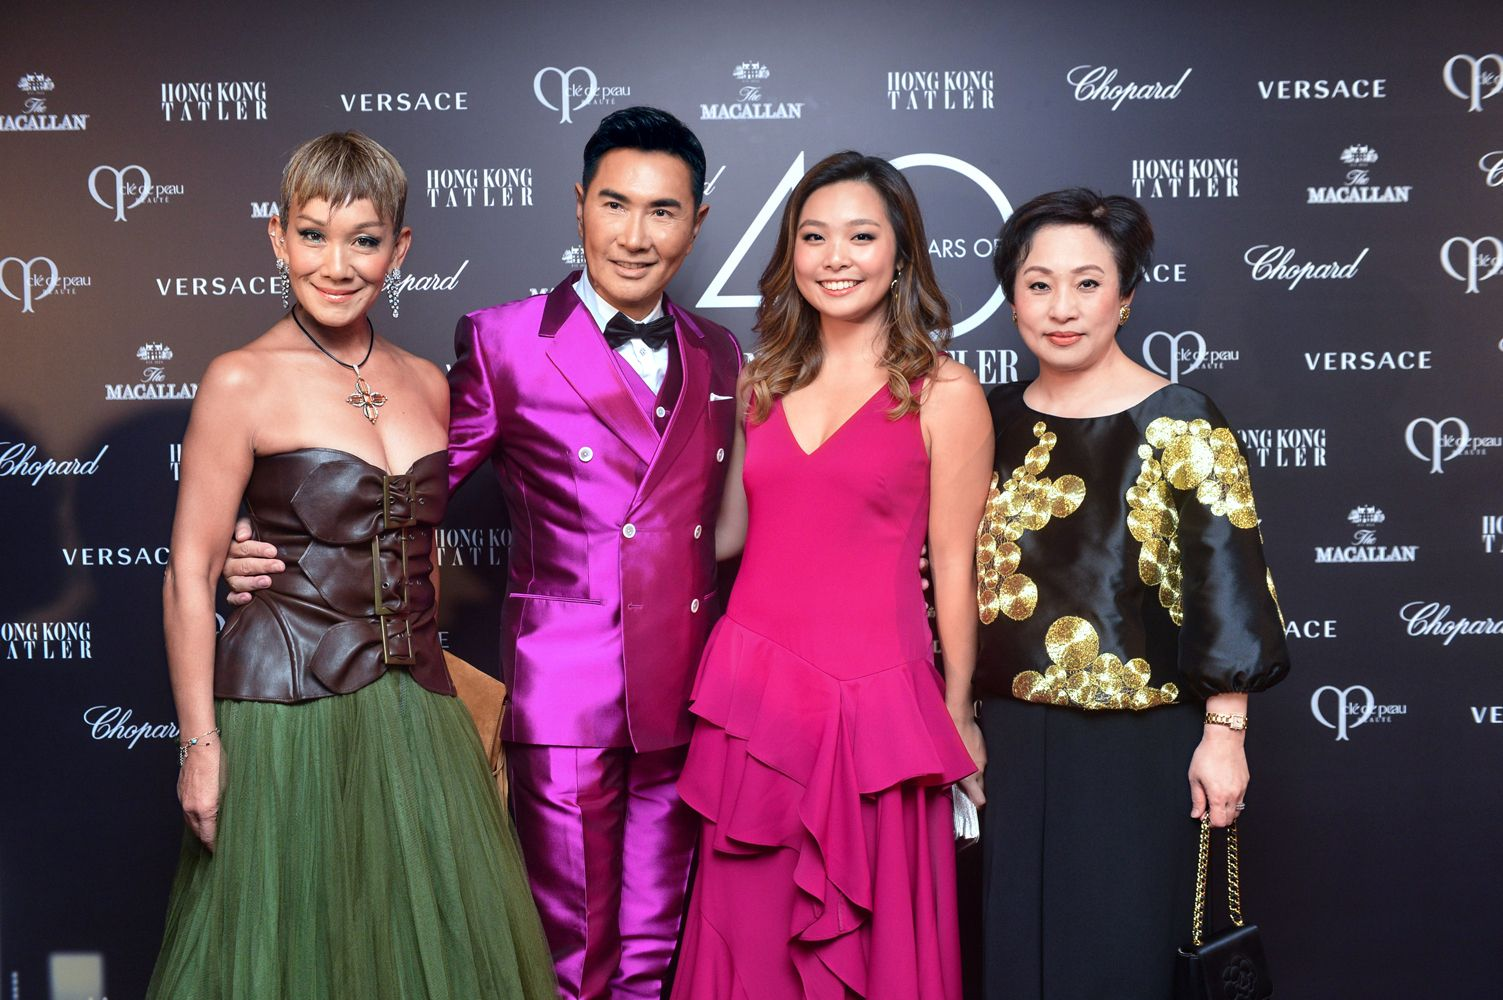 Inside The Cocktail Reception At The Hong Kong Tatler Ball 2017 ...